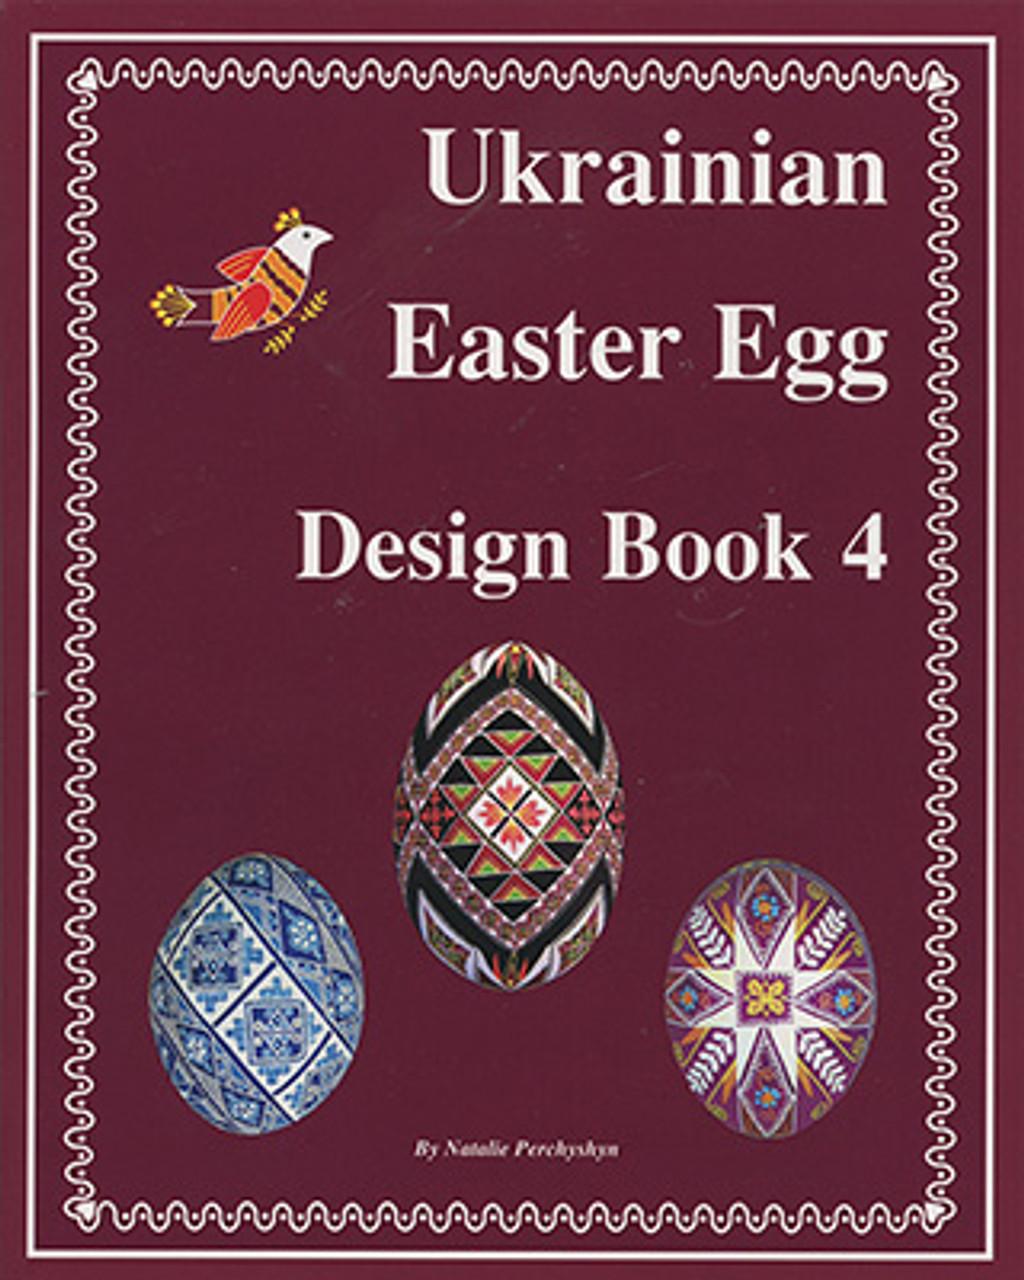 Ukrainian Easter Egg Design Book 4